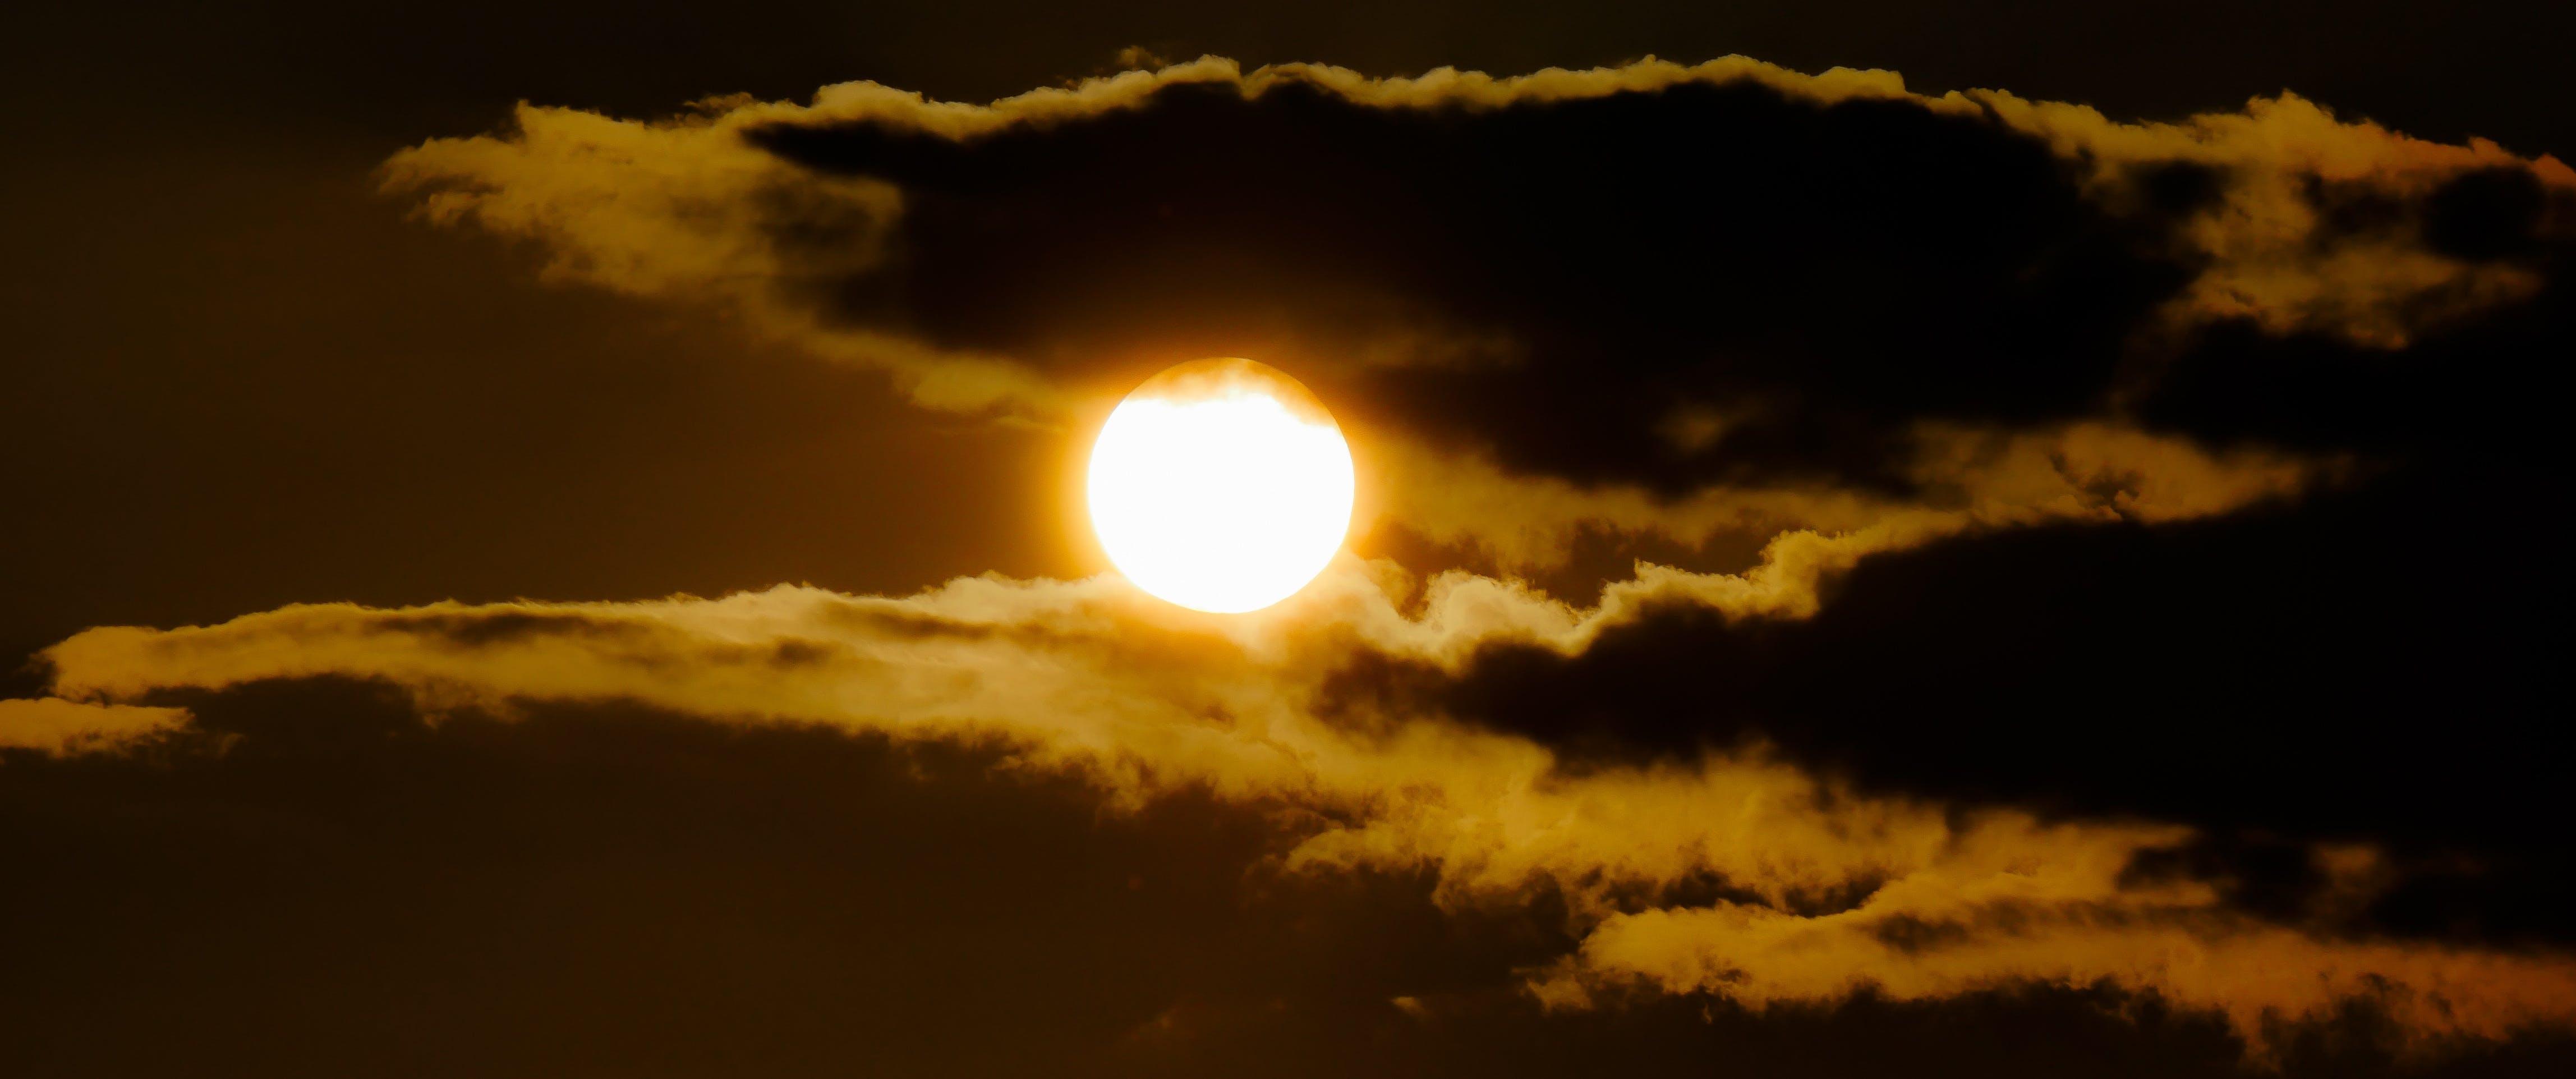 Foto profissional grátis de alvorecer, assustador, brilhante, céu